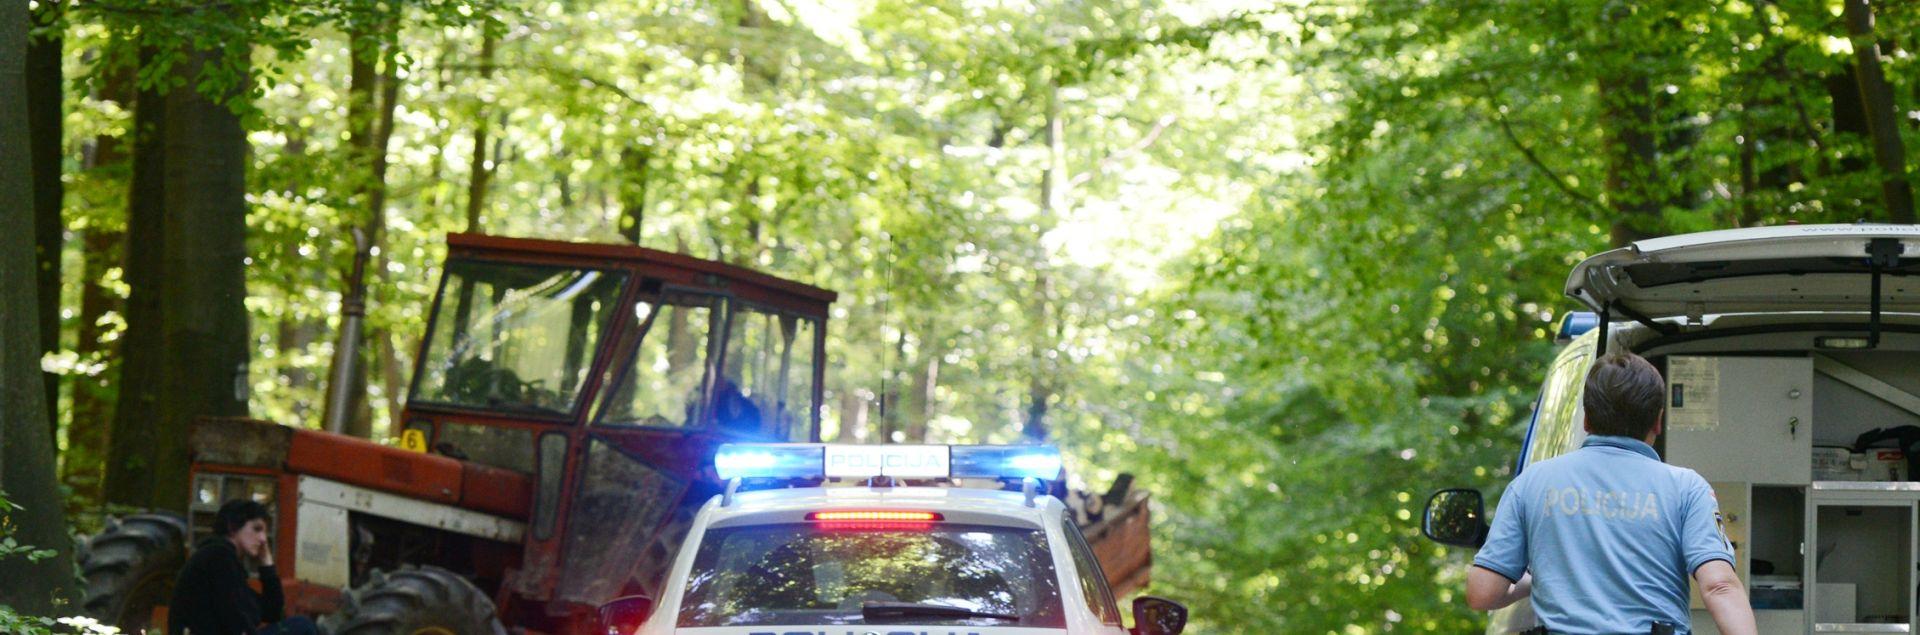 ZLOČIN U SREDIŠNJOJ BOSNI: Šumokradica vatrenim oružjem ubio tri osobe